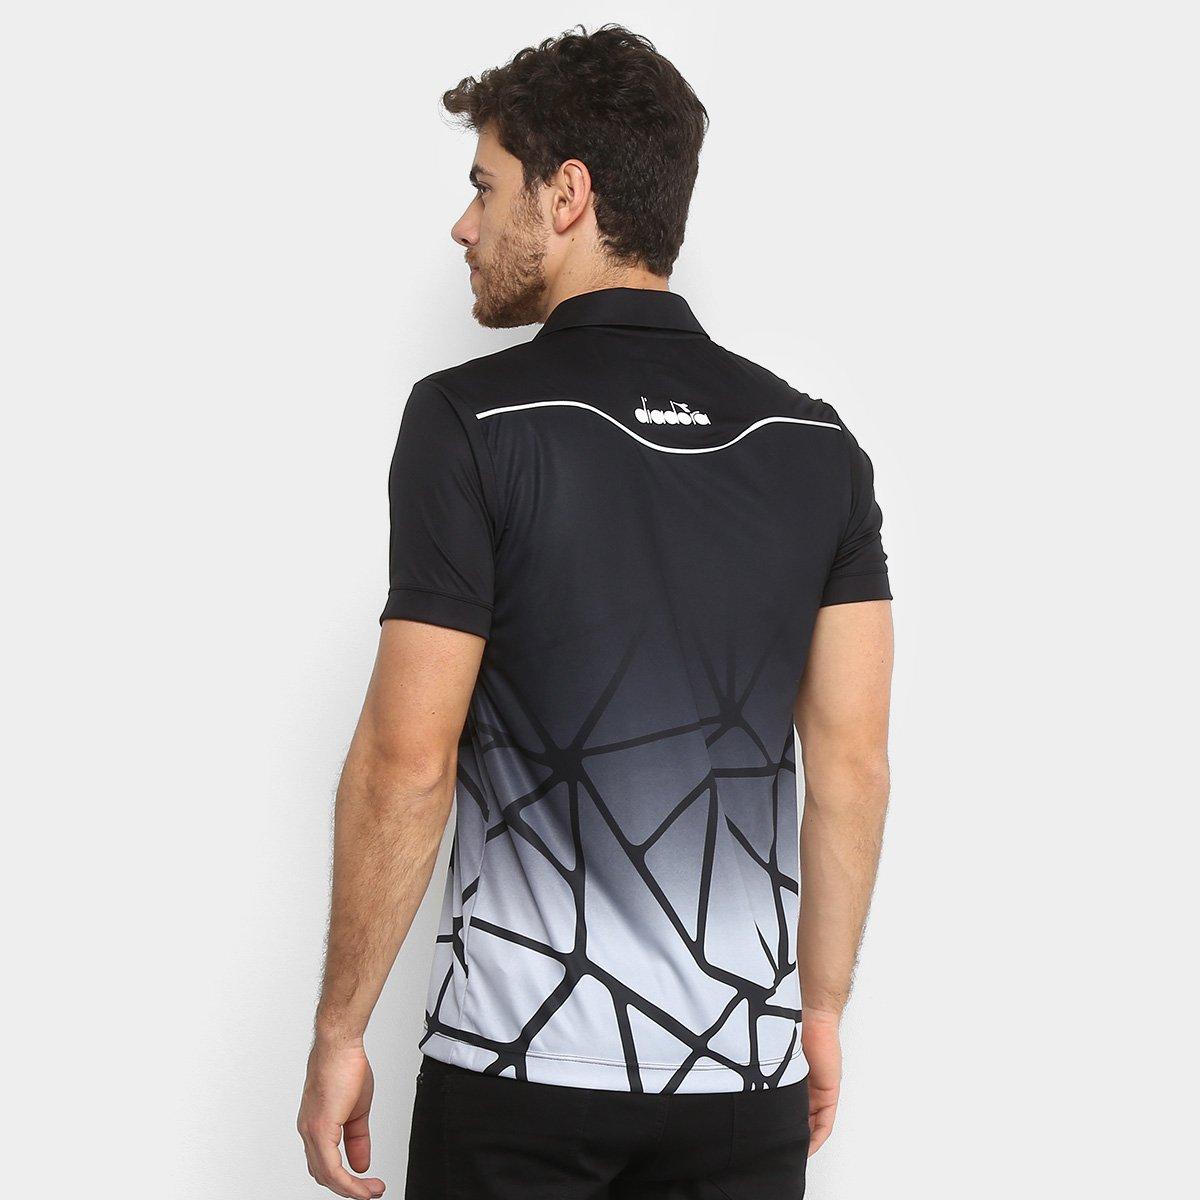 0ad4c791d0 Camisa Polo Vasco Viagem 2018 Atleta Diadora Masculina - Compre ...